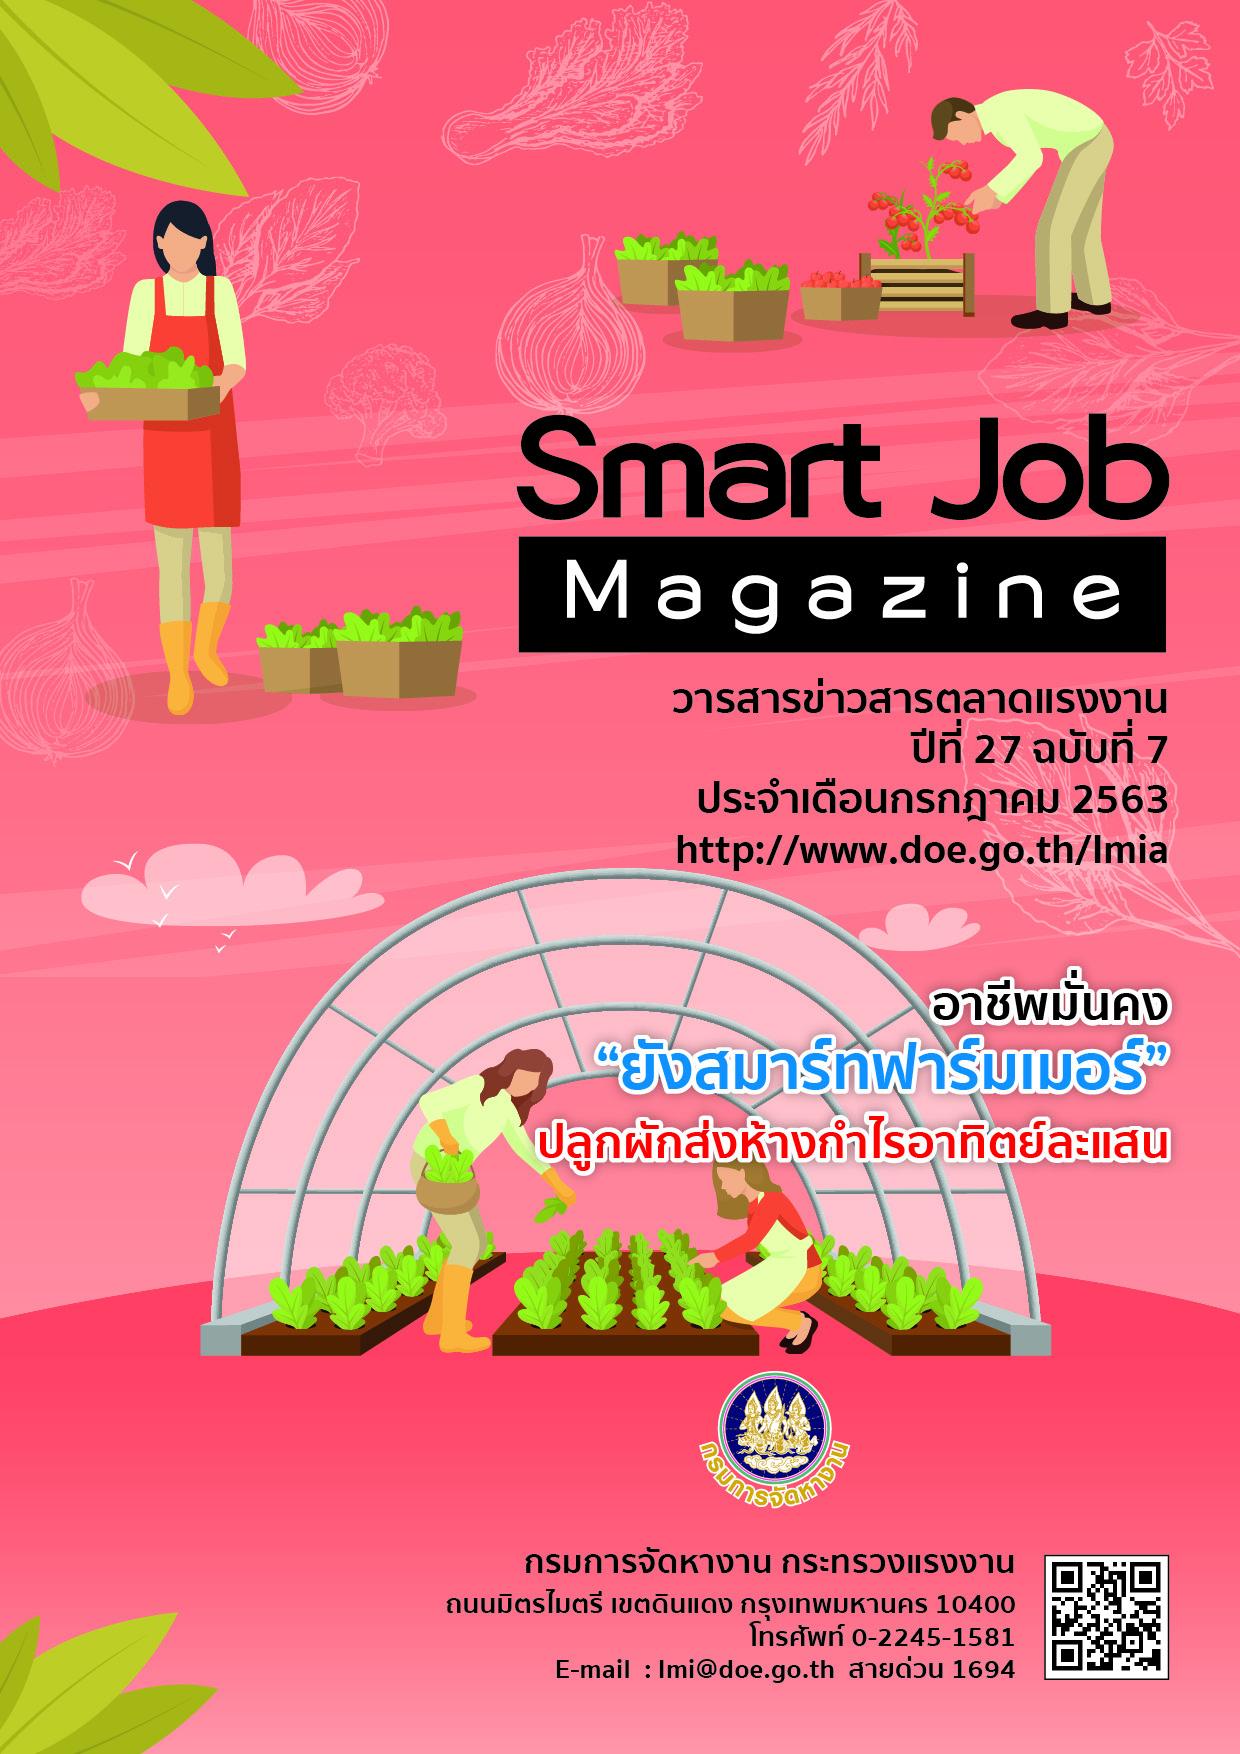 วารสารข่าวสารตลาดแรงงาน Smart Job Magazine ประจำเดือนกรกฎาคม 2563